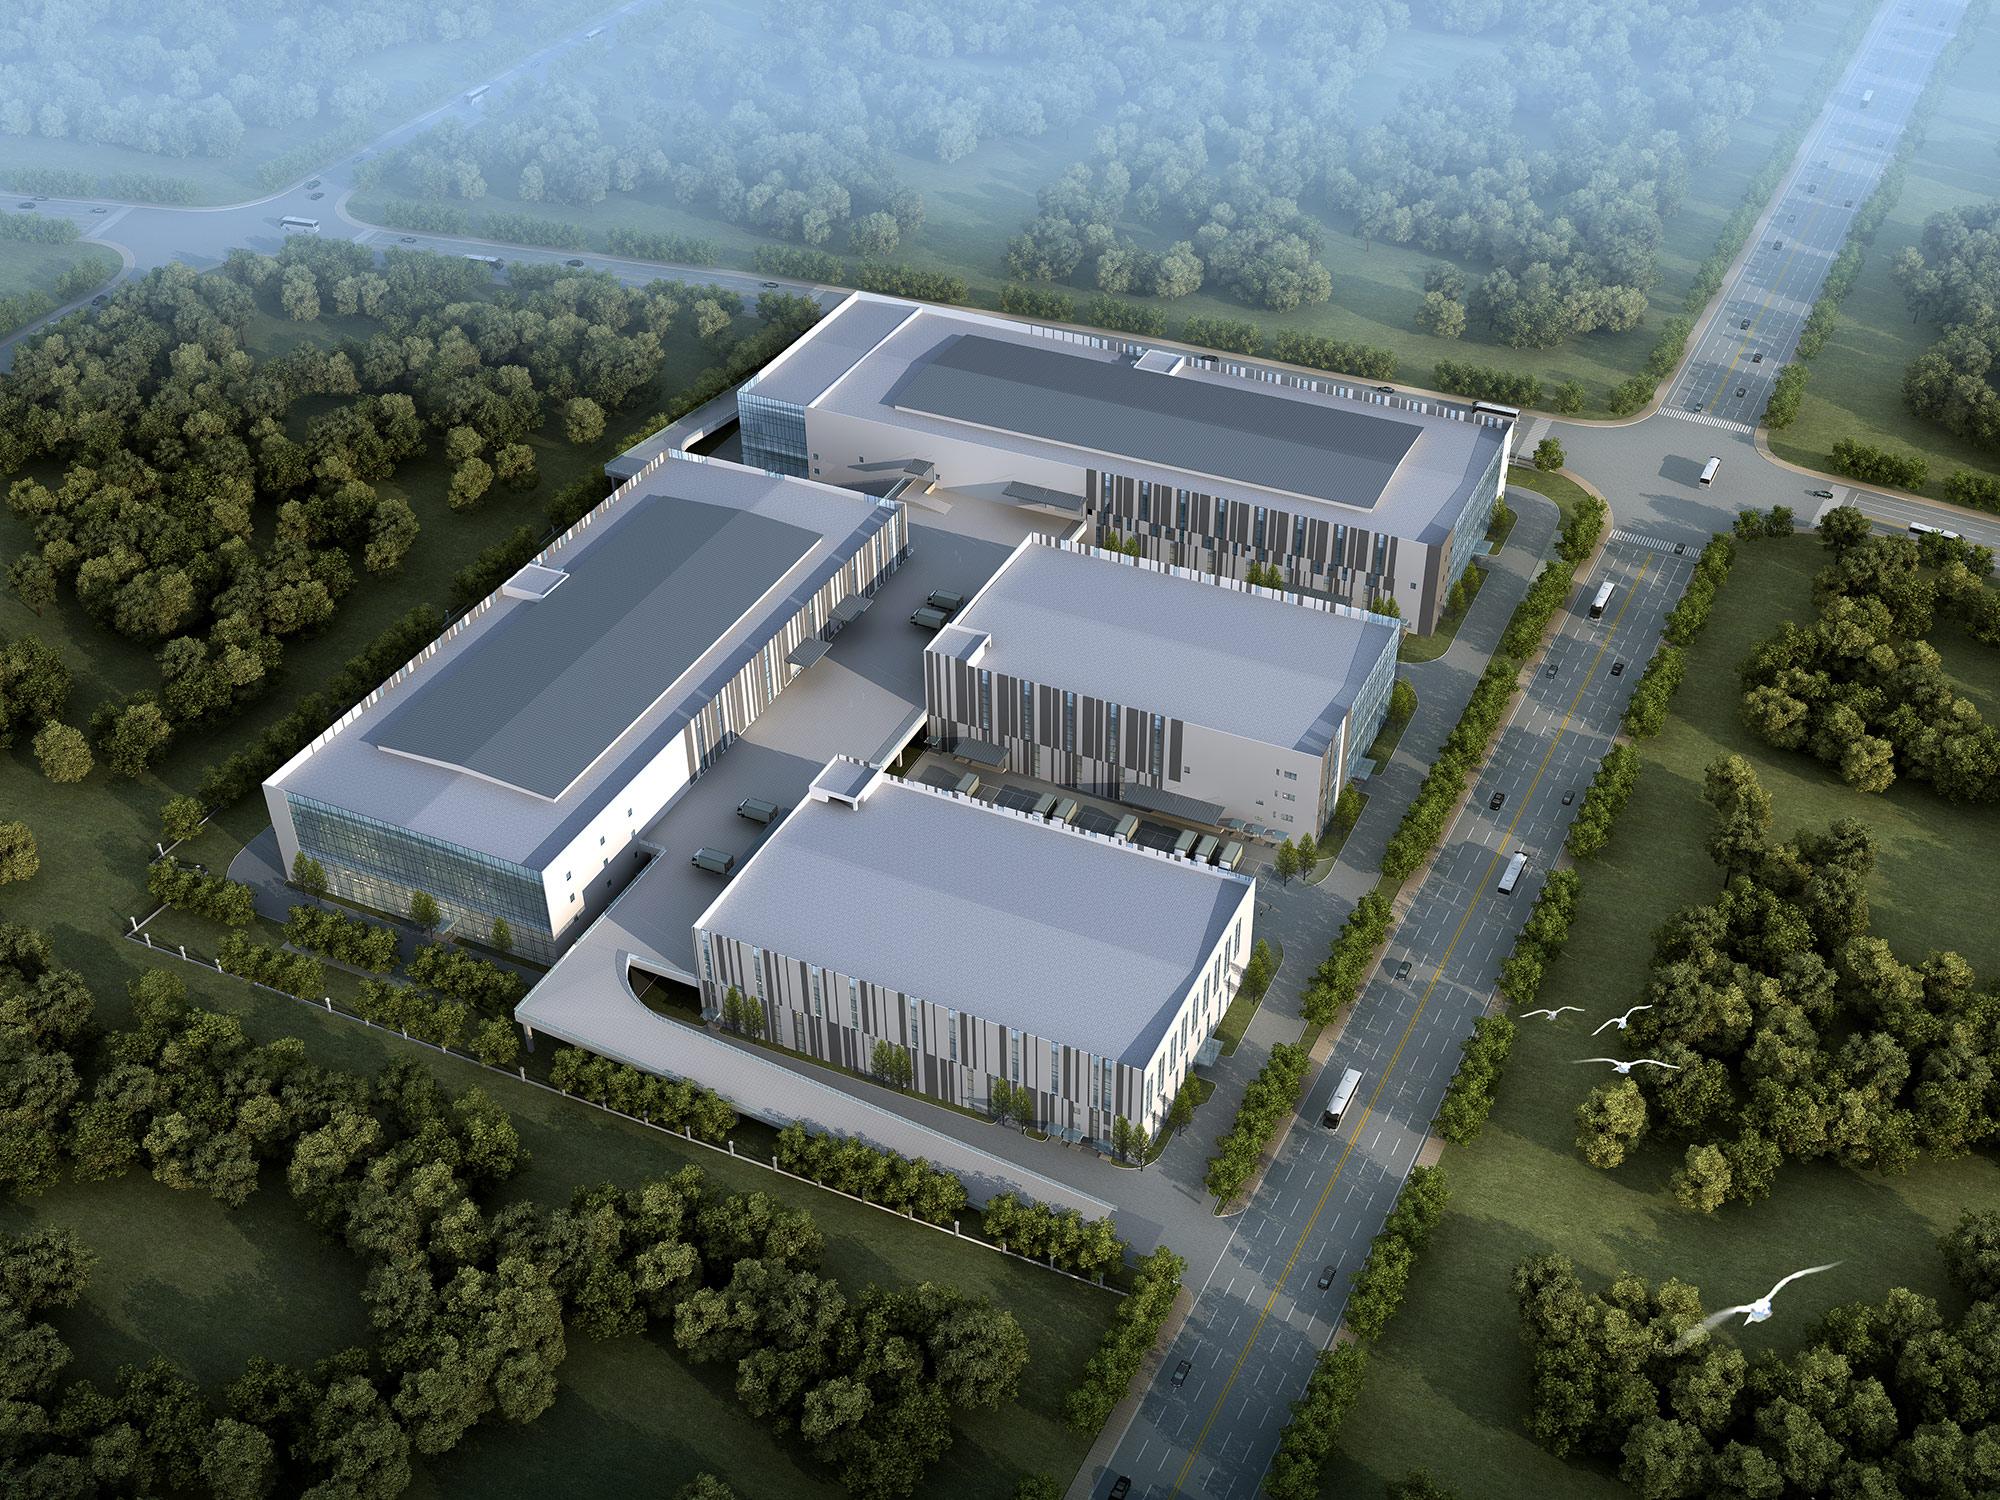 中欧轨道智能交通国际研创基地启动区项目智能厂房